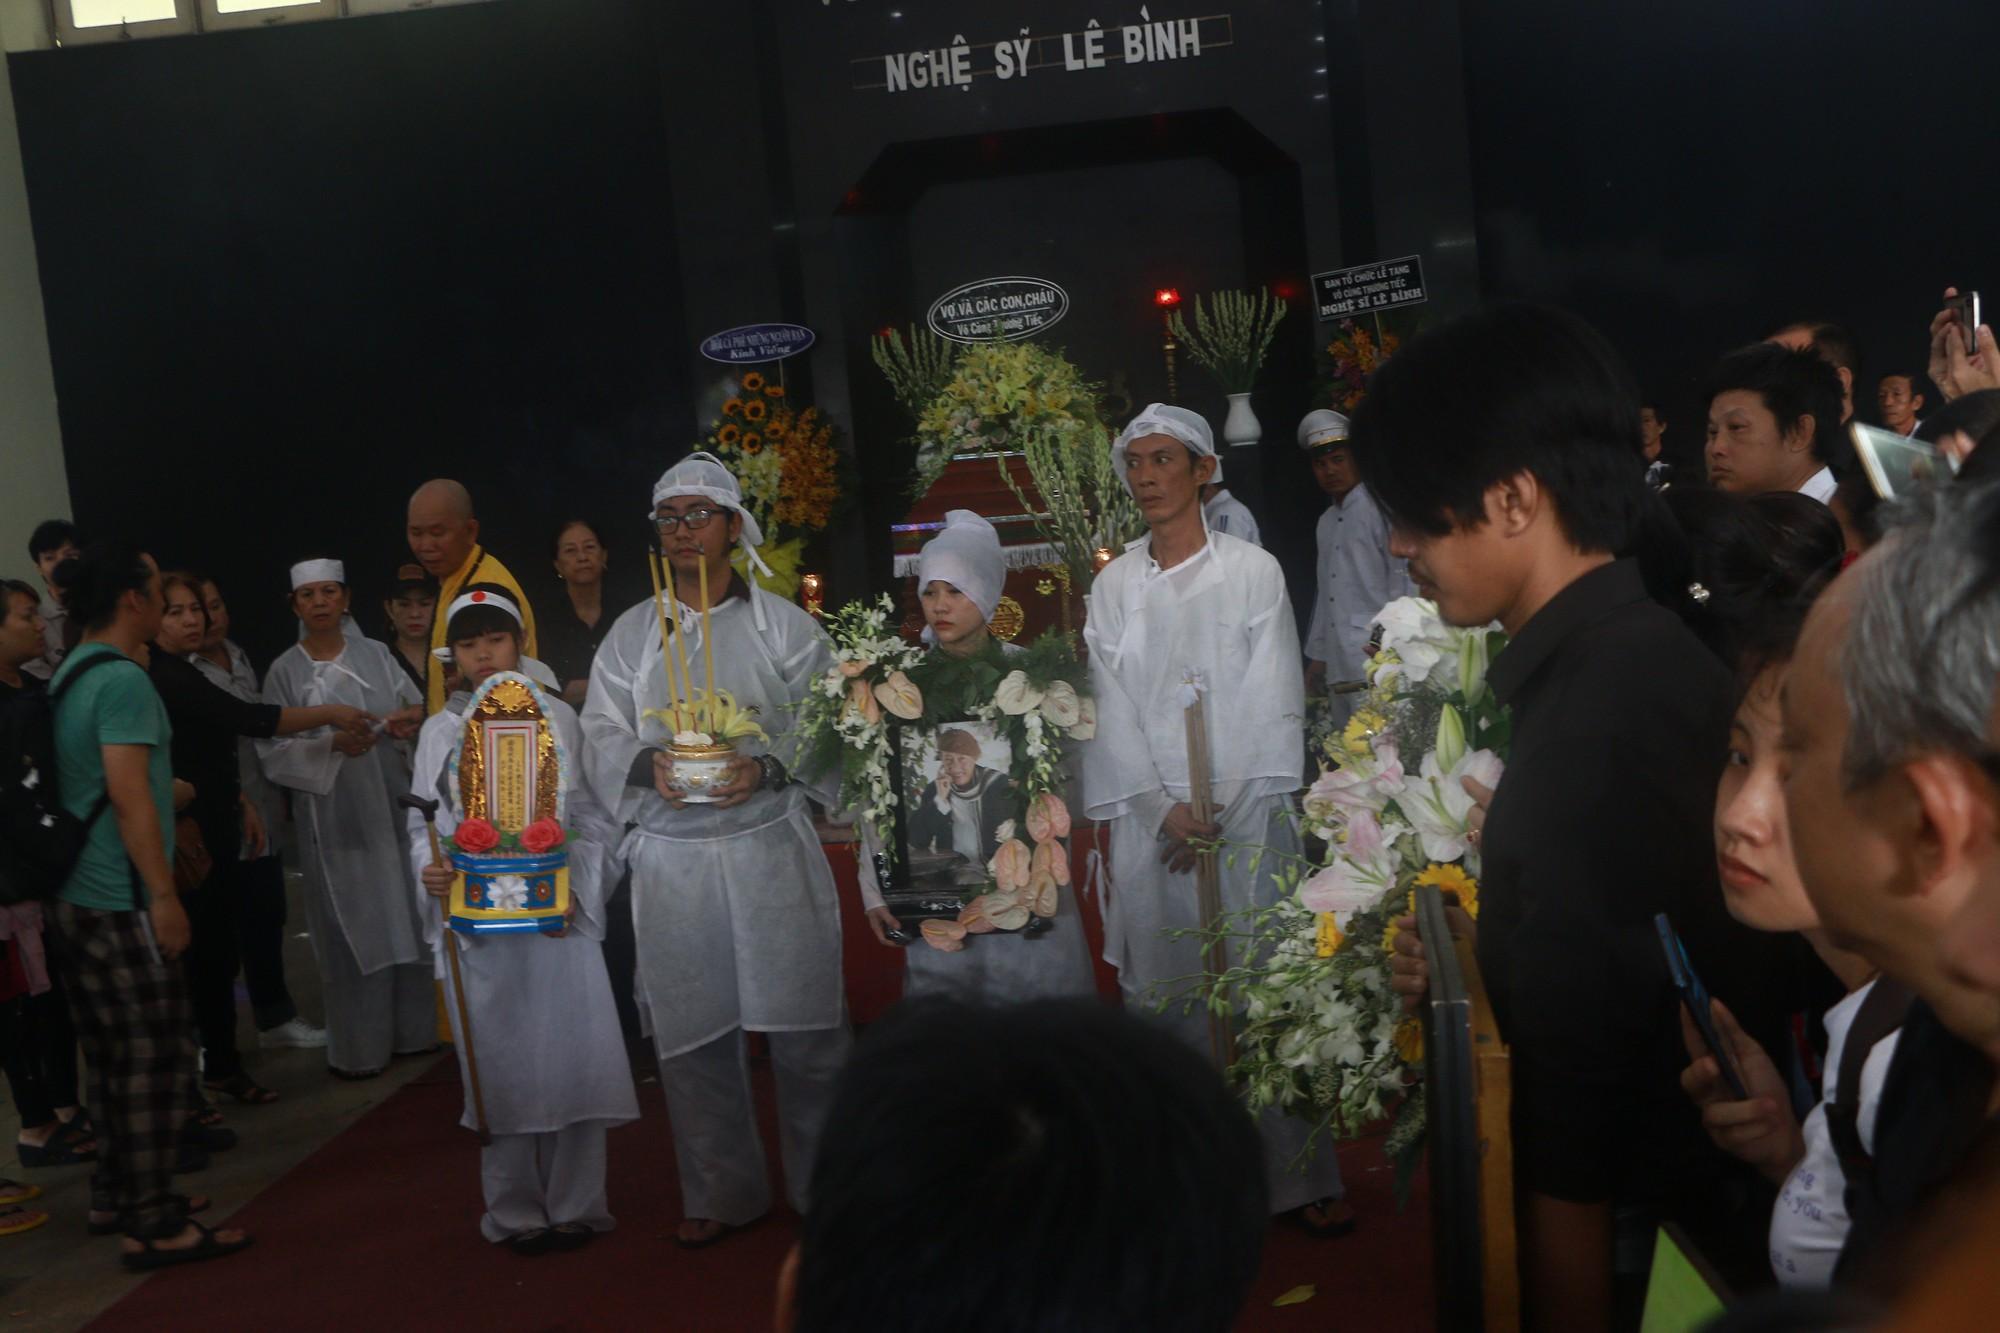 Con gái Lê Bình suy sụp, thất thần trong lễ động quan đưa thi hài cha về nơi an nghỉ - Ảnh 13.